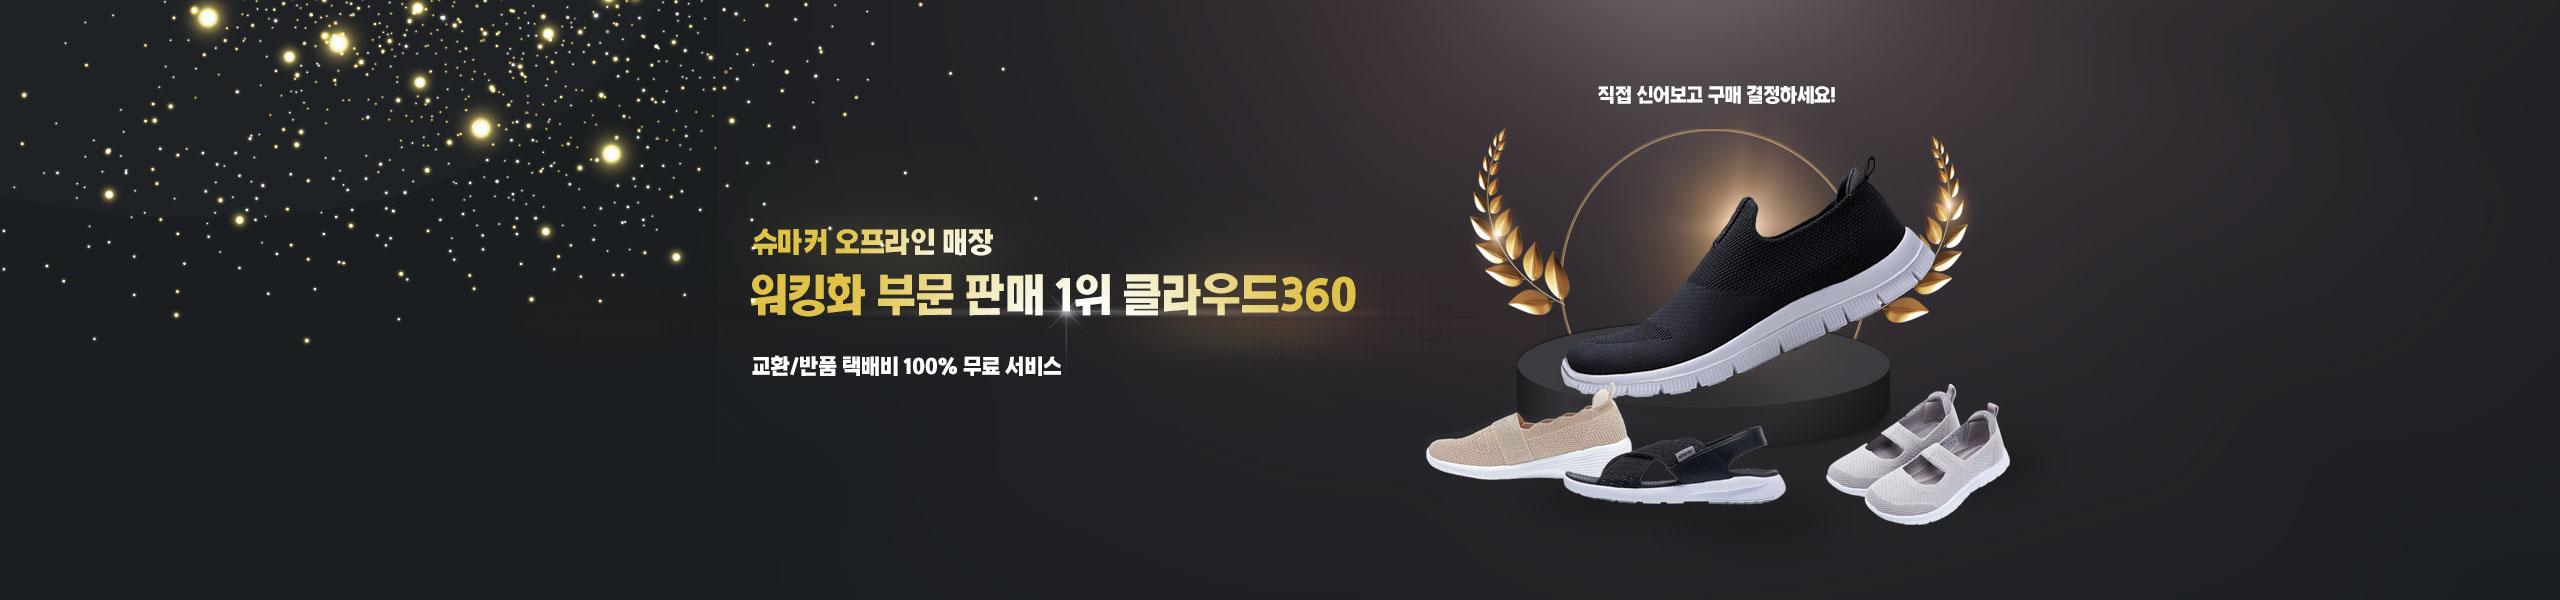 판매1위 클라우드360